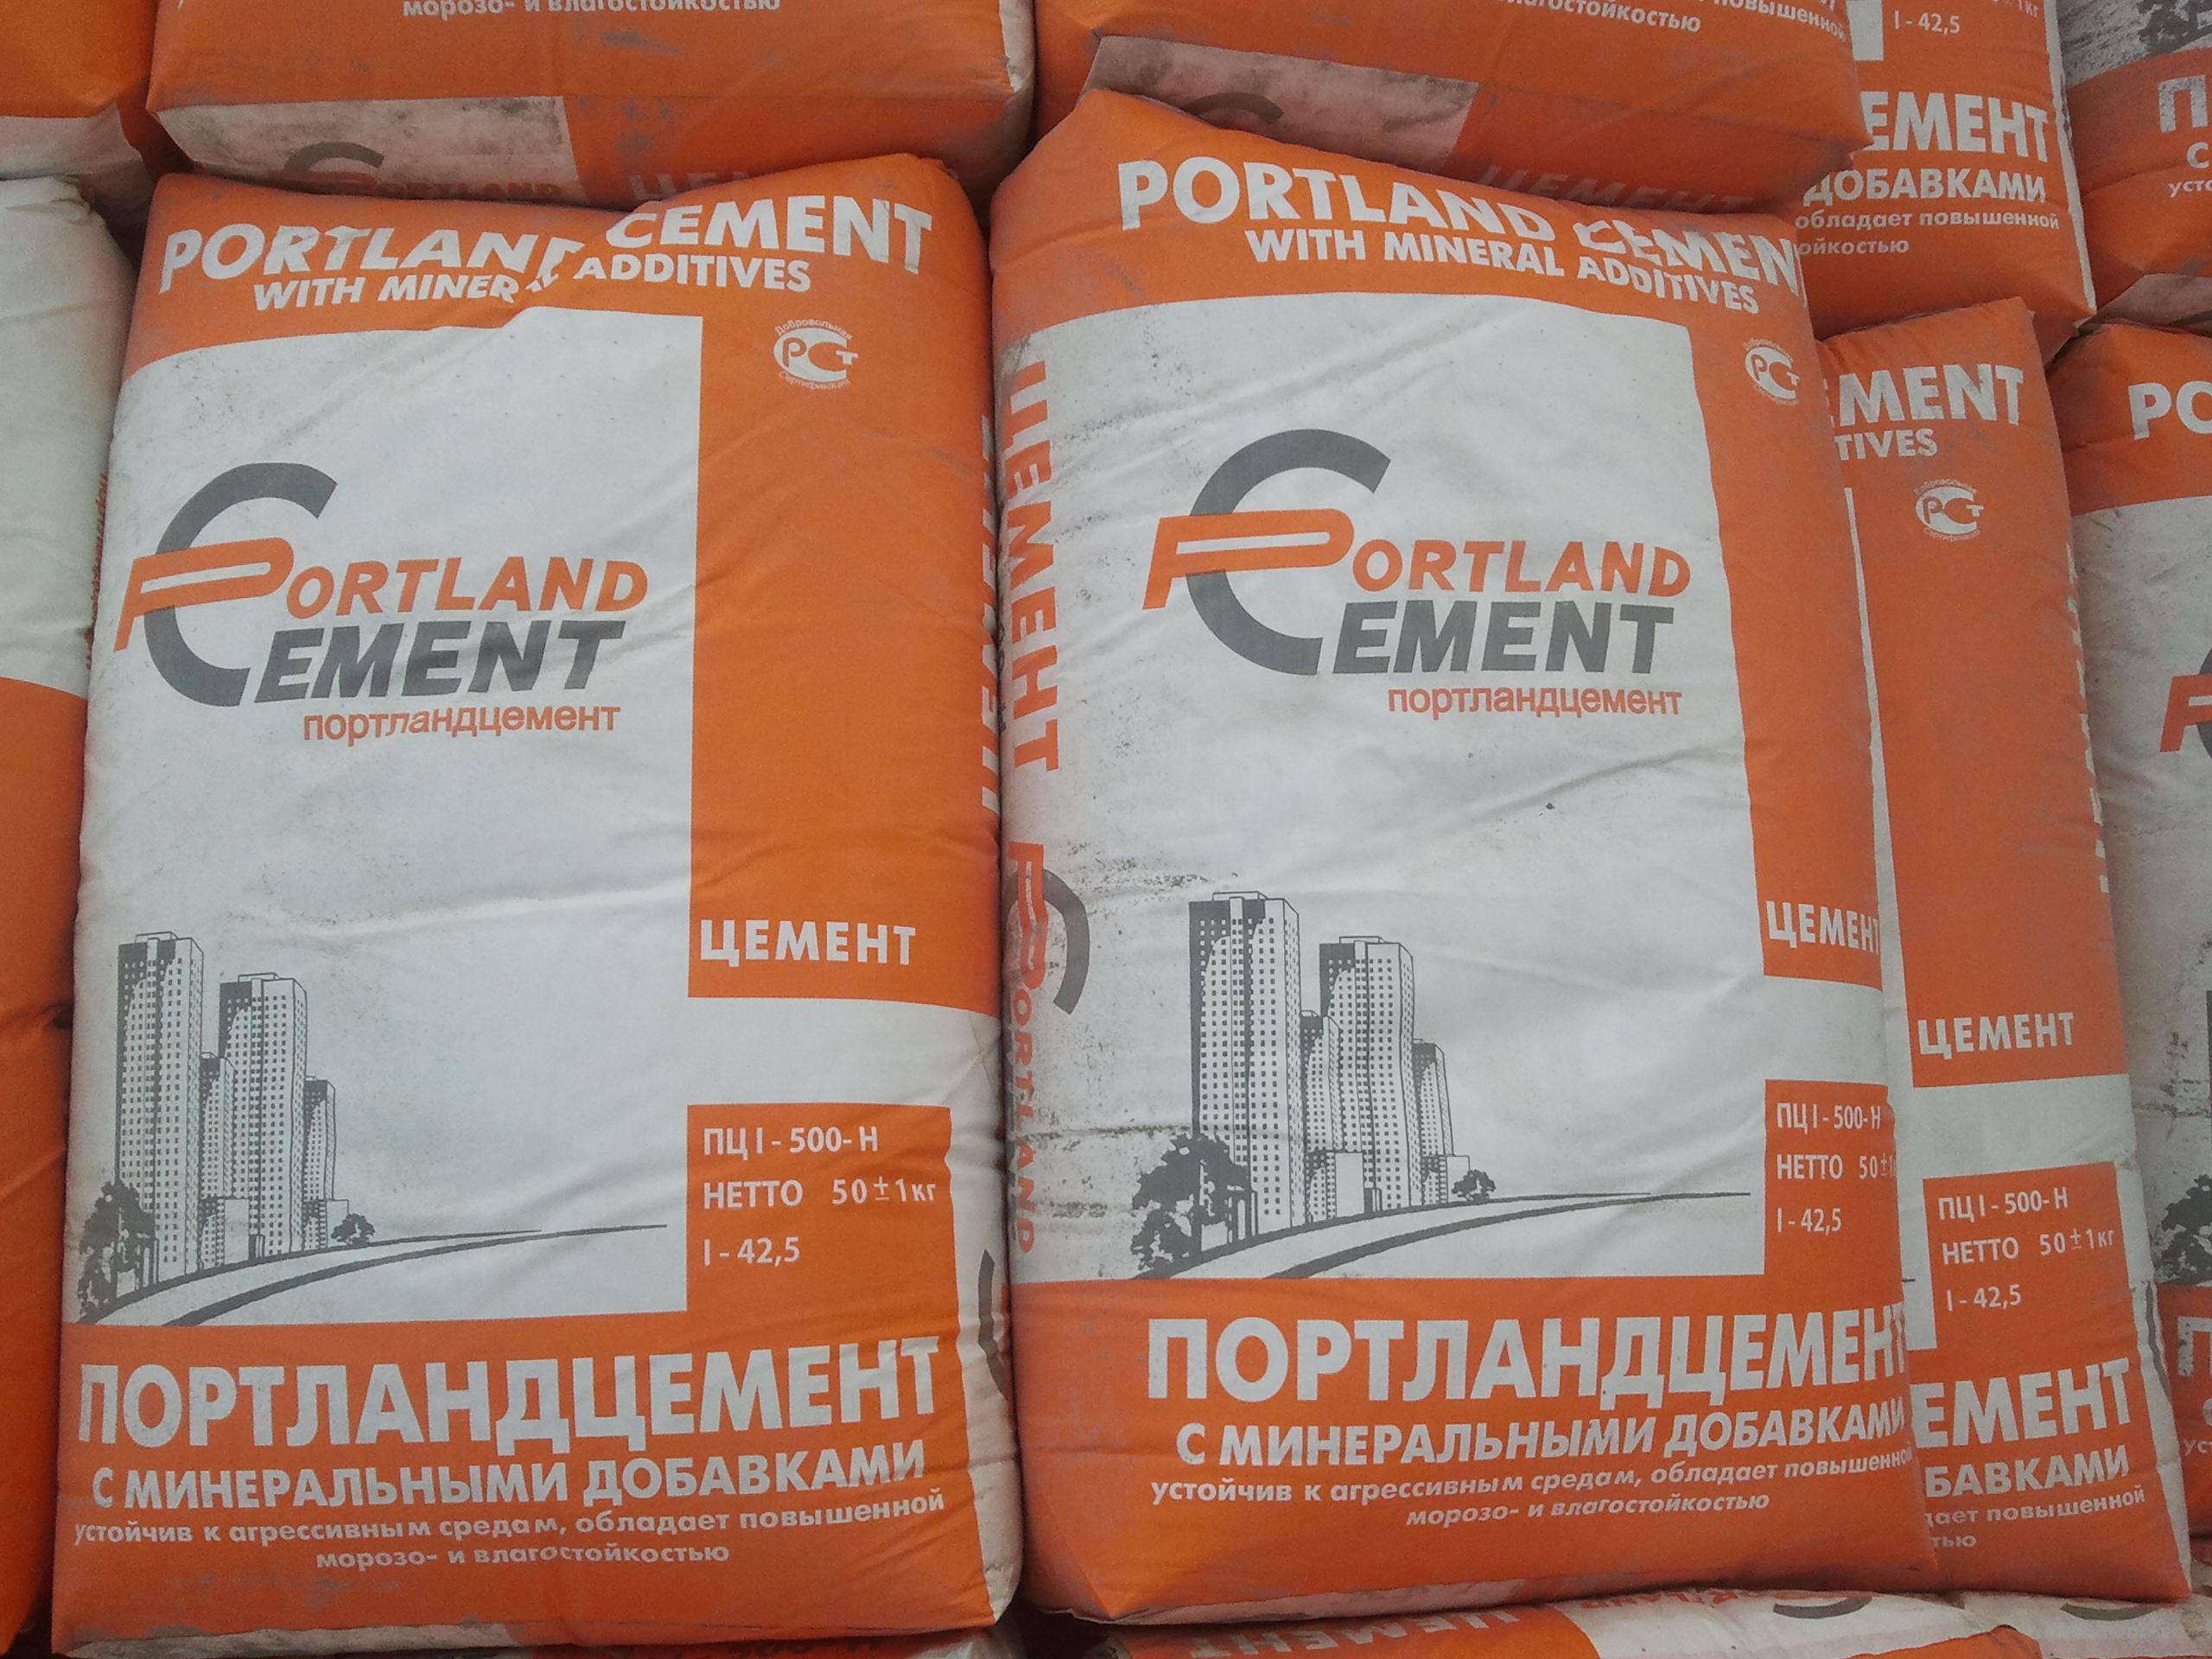 Портландцемент: что это такое, состав и свойства, разновидности и марки по гост, сульфатостойкий пуццолановый портландцемент